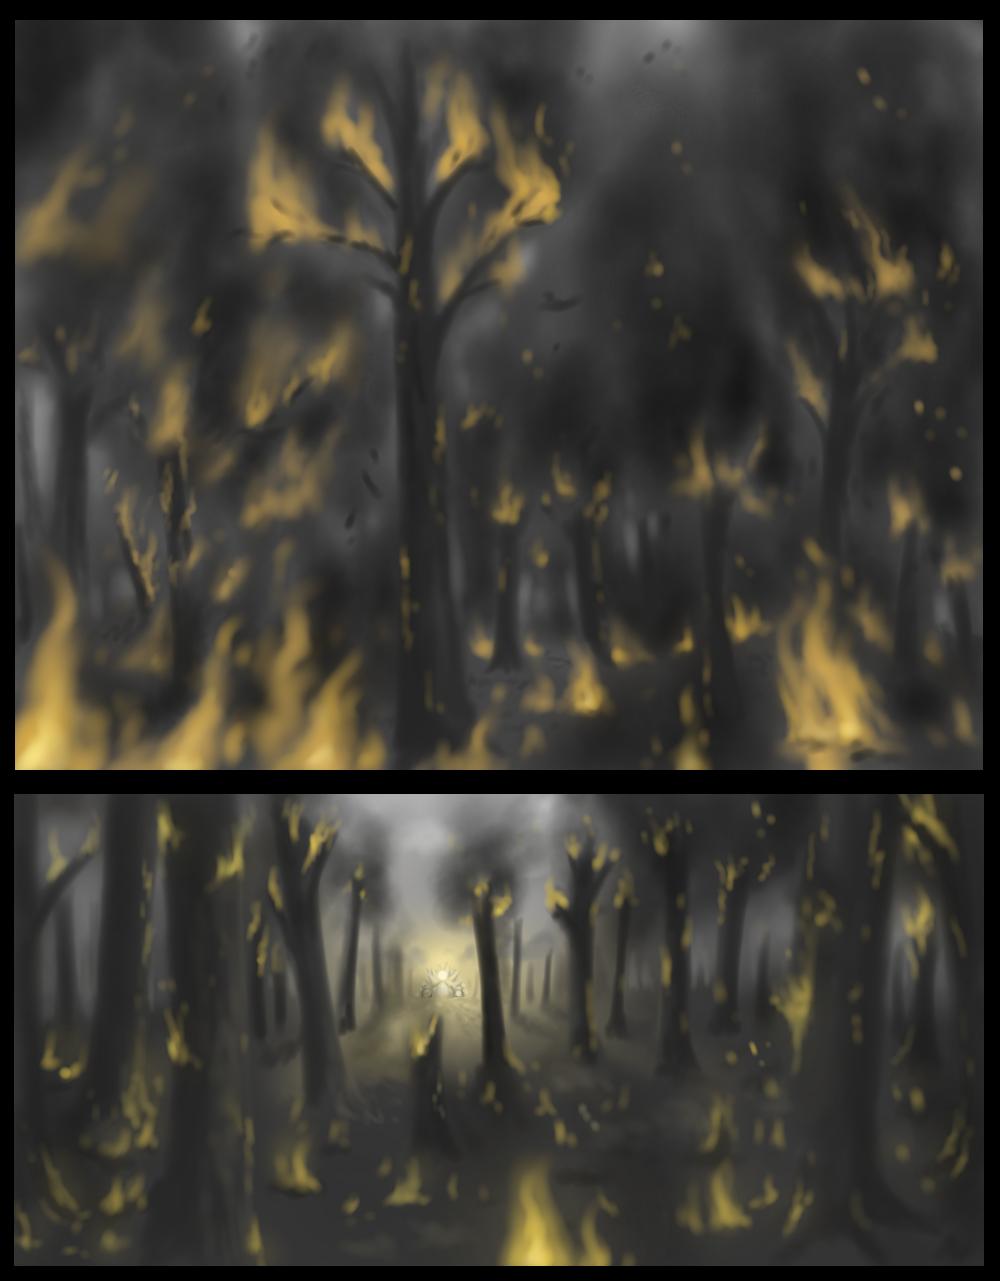 Page 80 - Devastation (Part 2)